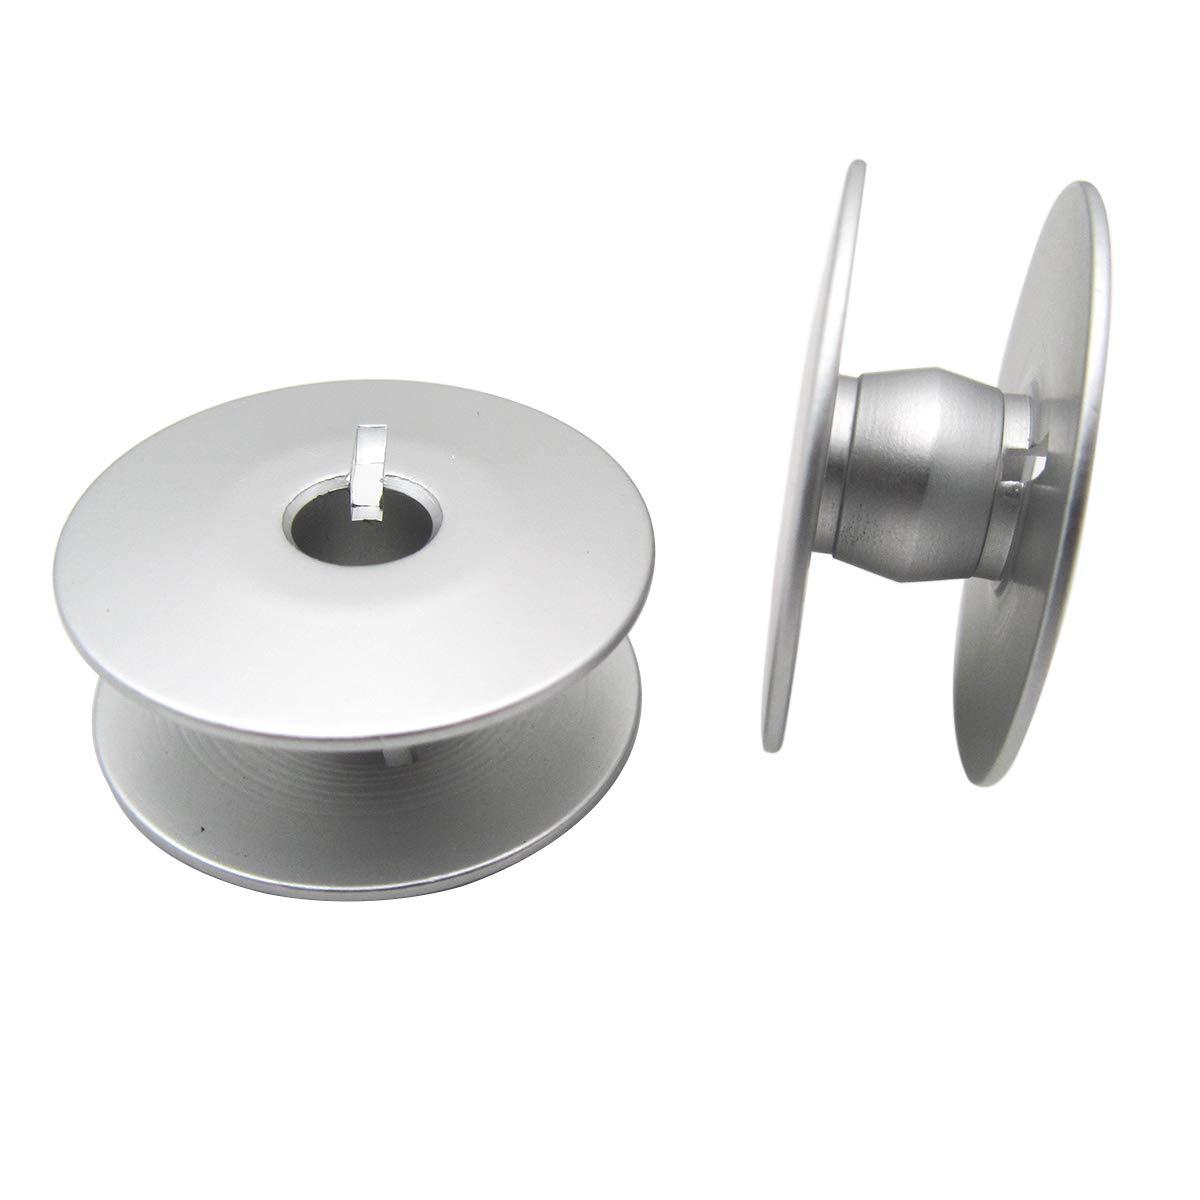 #0245-001660 26MM Aluminium Bobbins Fit for Durkopp Adler 367 467 767 768 867 868 30PCS CKPSMS Brand